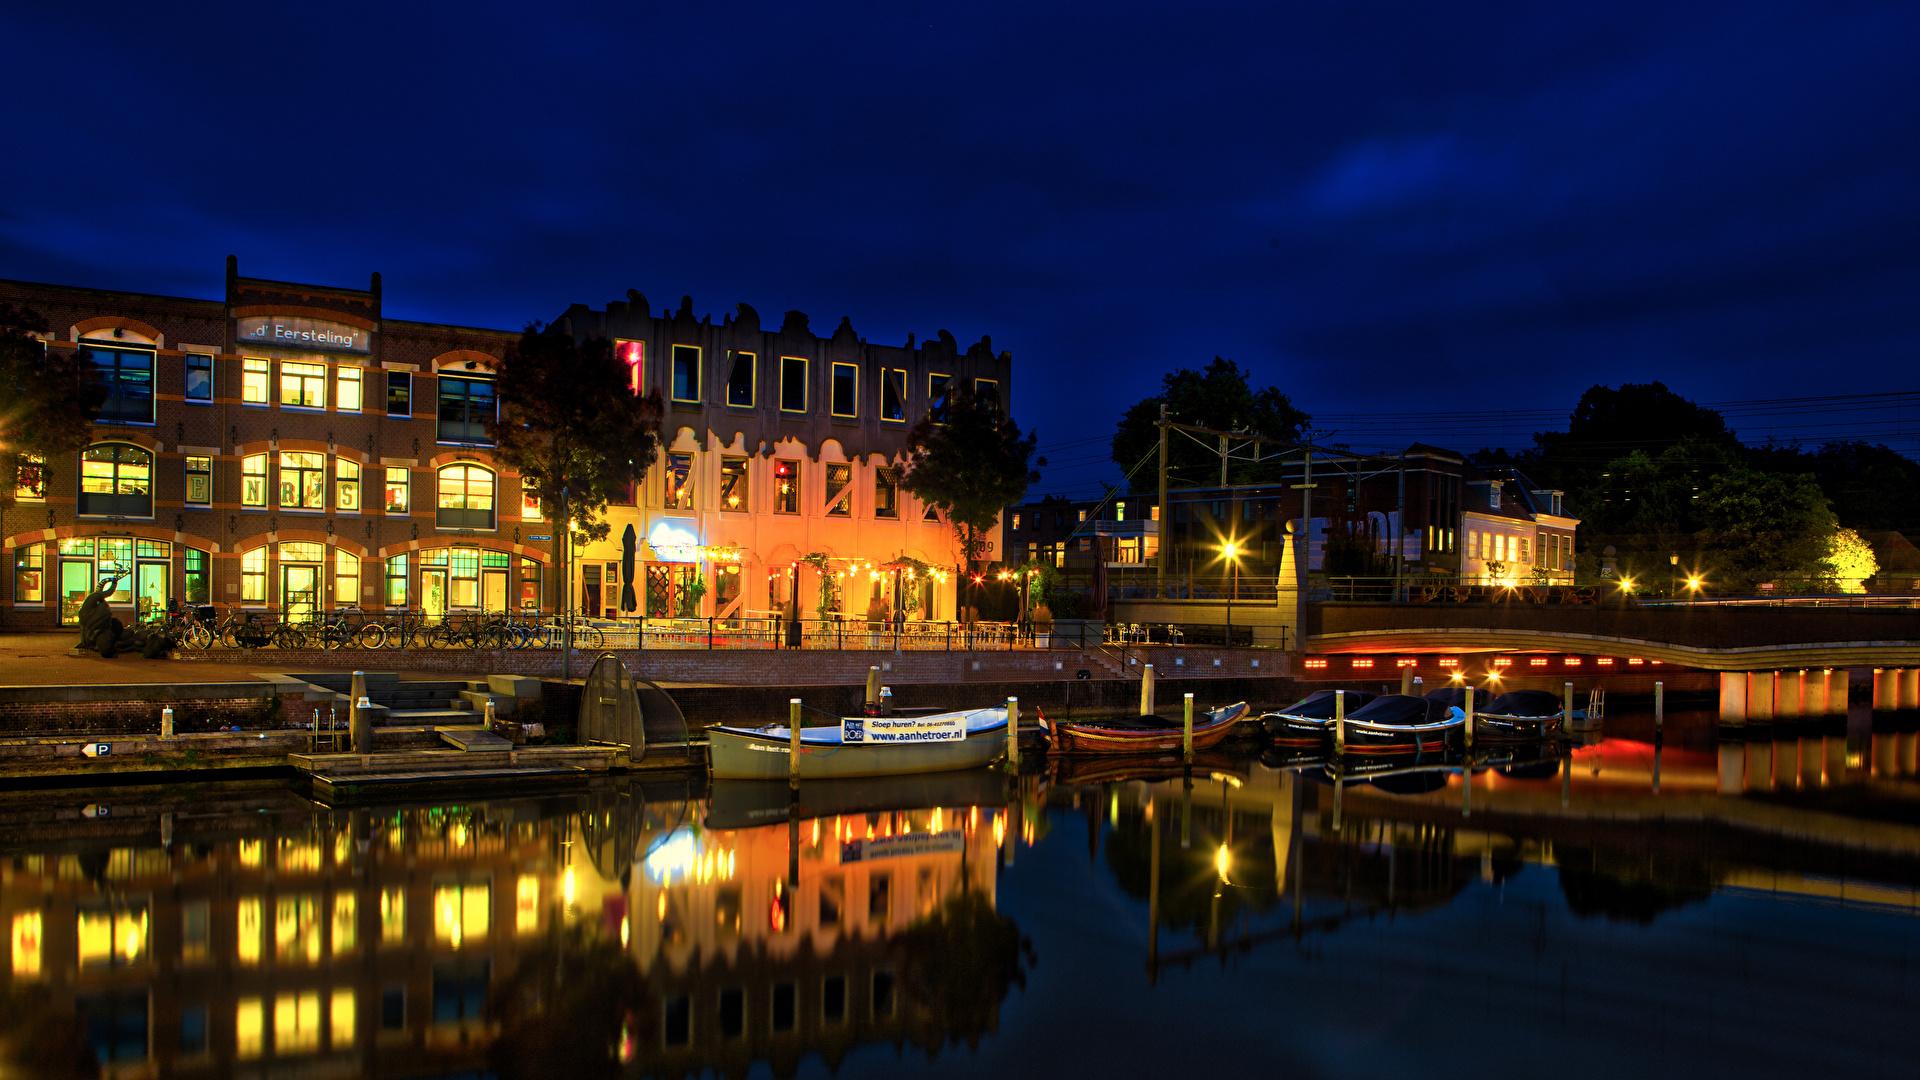 Фото Нидерланды Amersfoort canals Водный канал ночью Лодки Причалы Уличные фонари Дома город 1920x1080 голландия Ночь Пирсы в ночи Ночные Пристань Города Здания